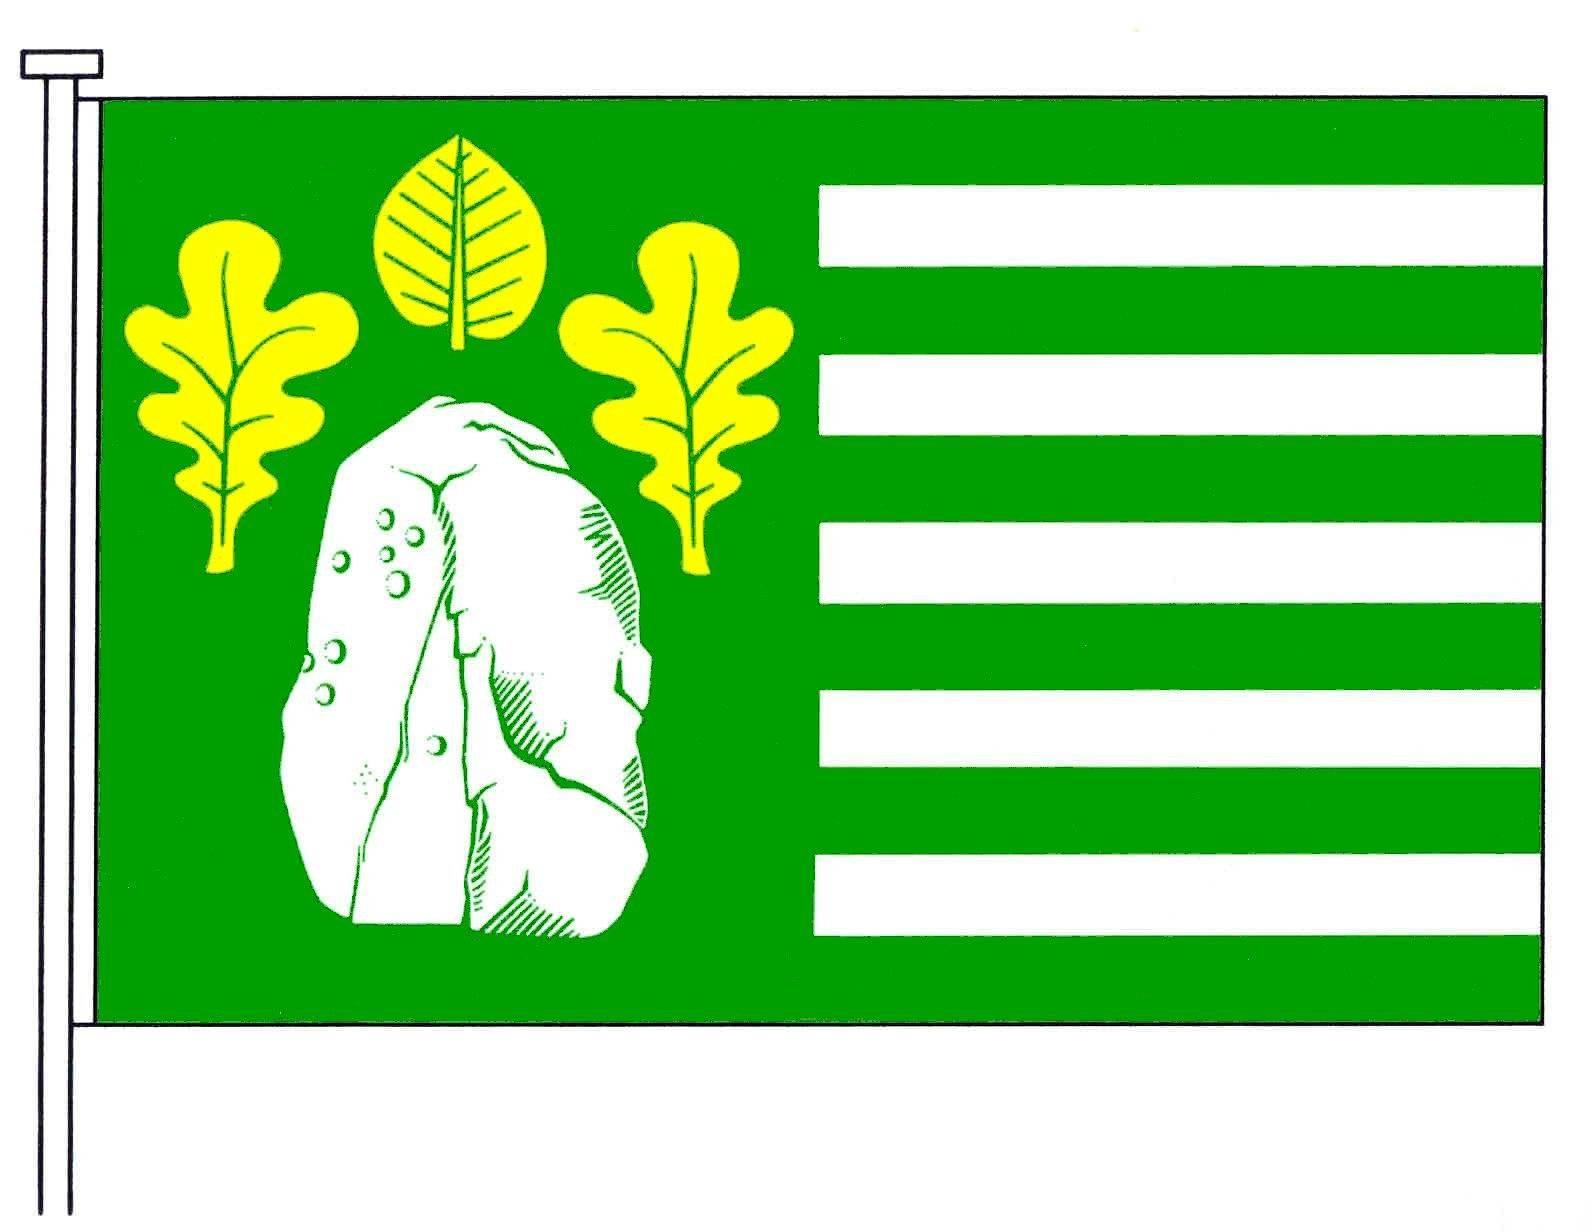 Flagge GemeindeBeringstedt, Kreis Rendsburg-Eckernförde